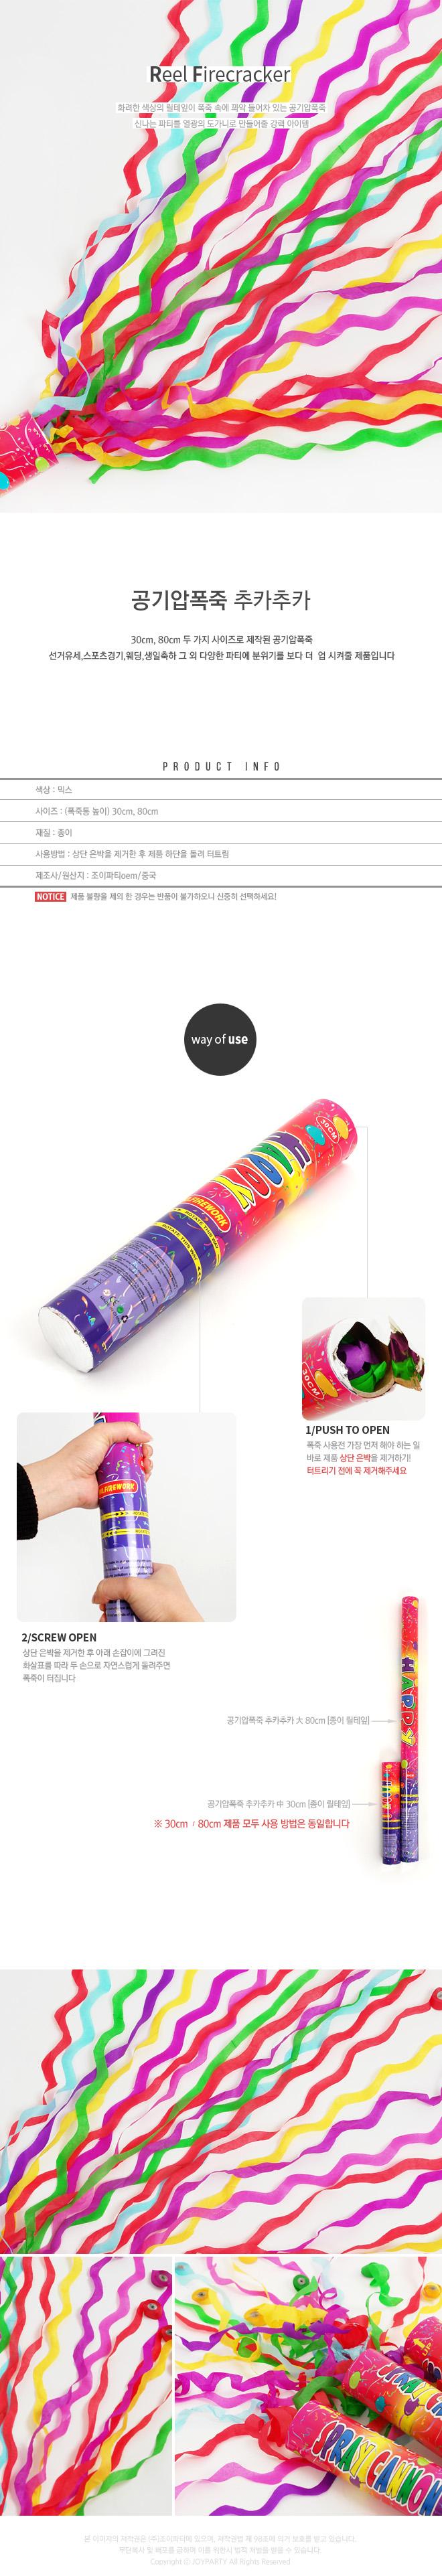 공기압폭죽 추카추카 대 종이 릴테잎 _partypang - 파티팡, 12,000원, 파티용품, 보조용품